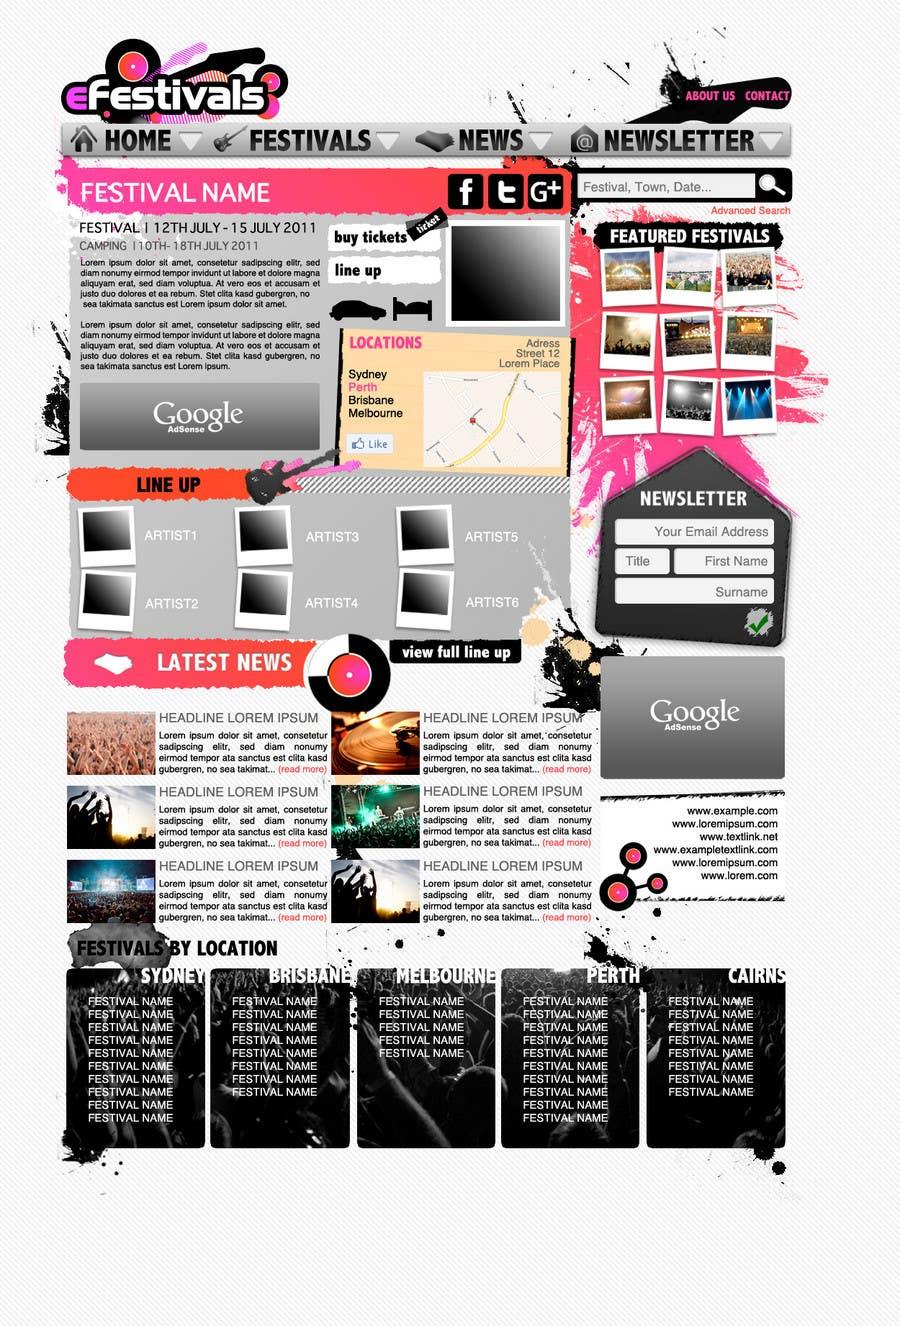 Konkurrenceindlæg #                                        17                                      for                                         Website Design for eFestivals